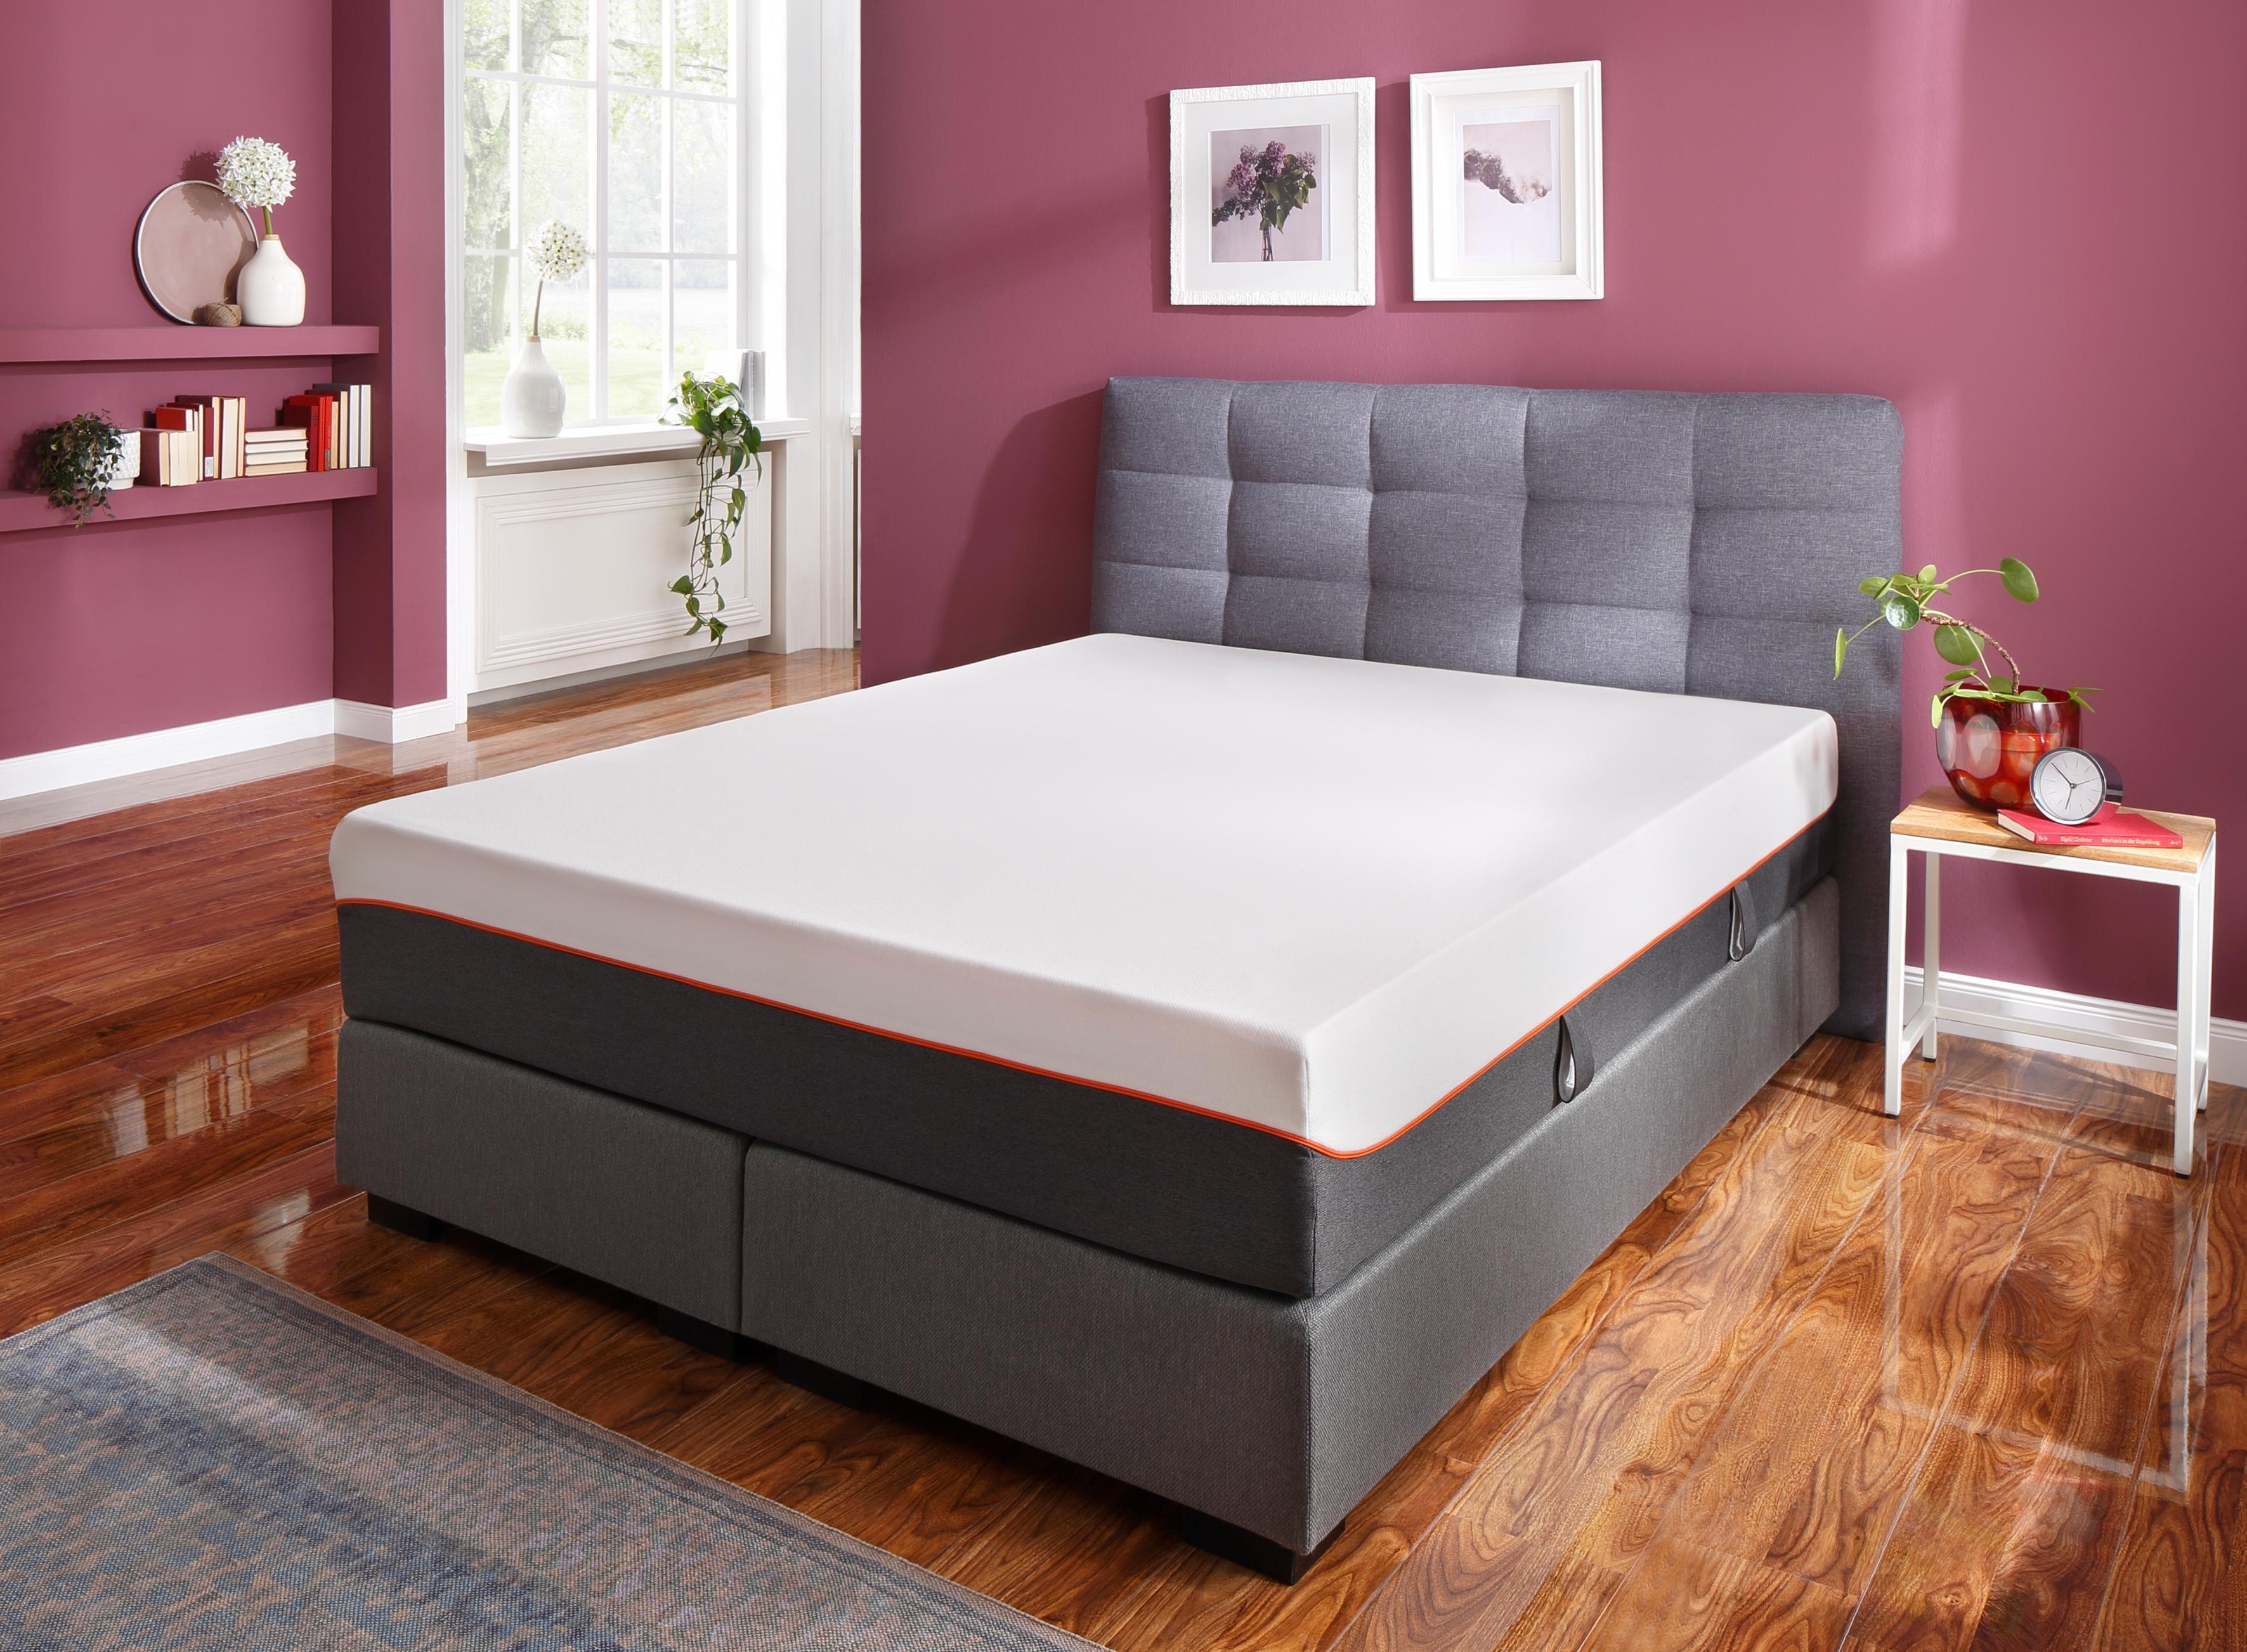 SonnCo comfortschuimmatras Cooper Met perfecte drukvermindering door 4 cm hoog op latex lijkend zacht schuim aan de bovenkant. Ideaal voor iedereen, die graag zacht wil slapen hoogte 28 cm - verschillende betaalmethodes